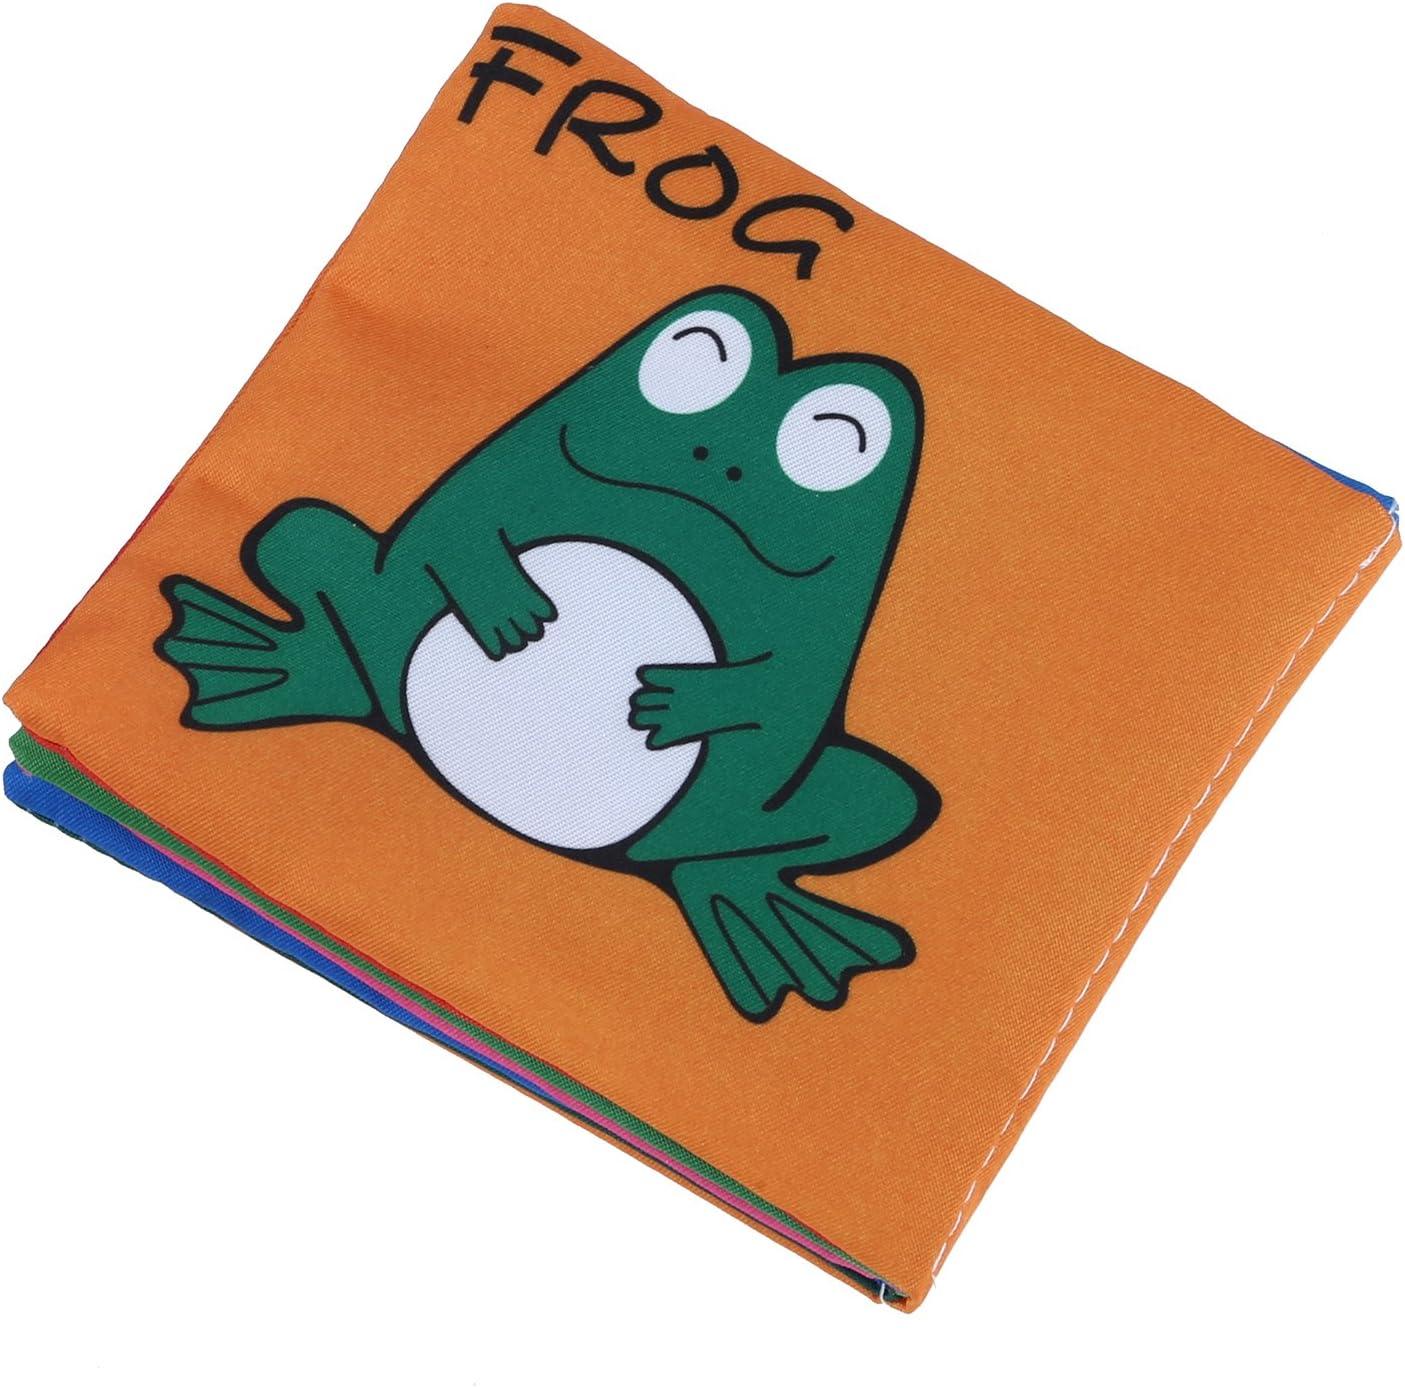 Zinniaya Beb/és reci/én Nacidos Libro de Tela port/átil Educativo temprano Libros Suaves Coloridos Desarrollan Inteligencia Juguetes multifuncionales